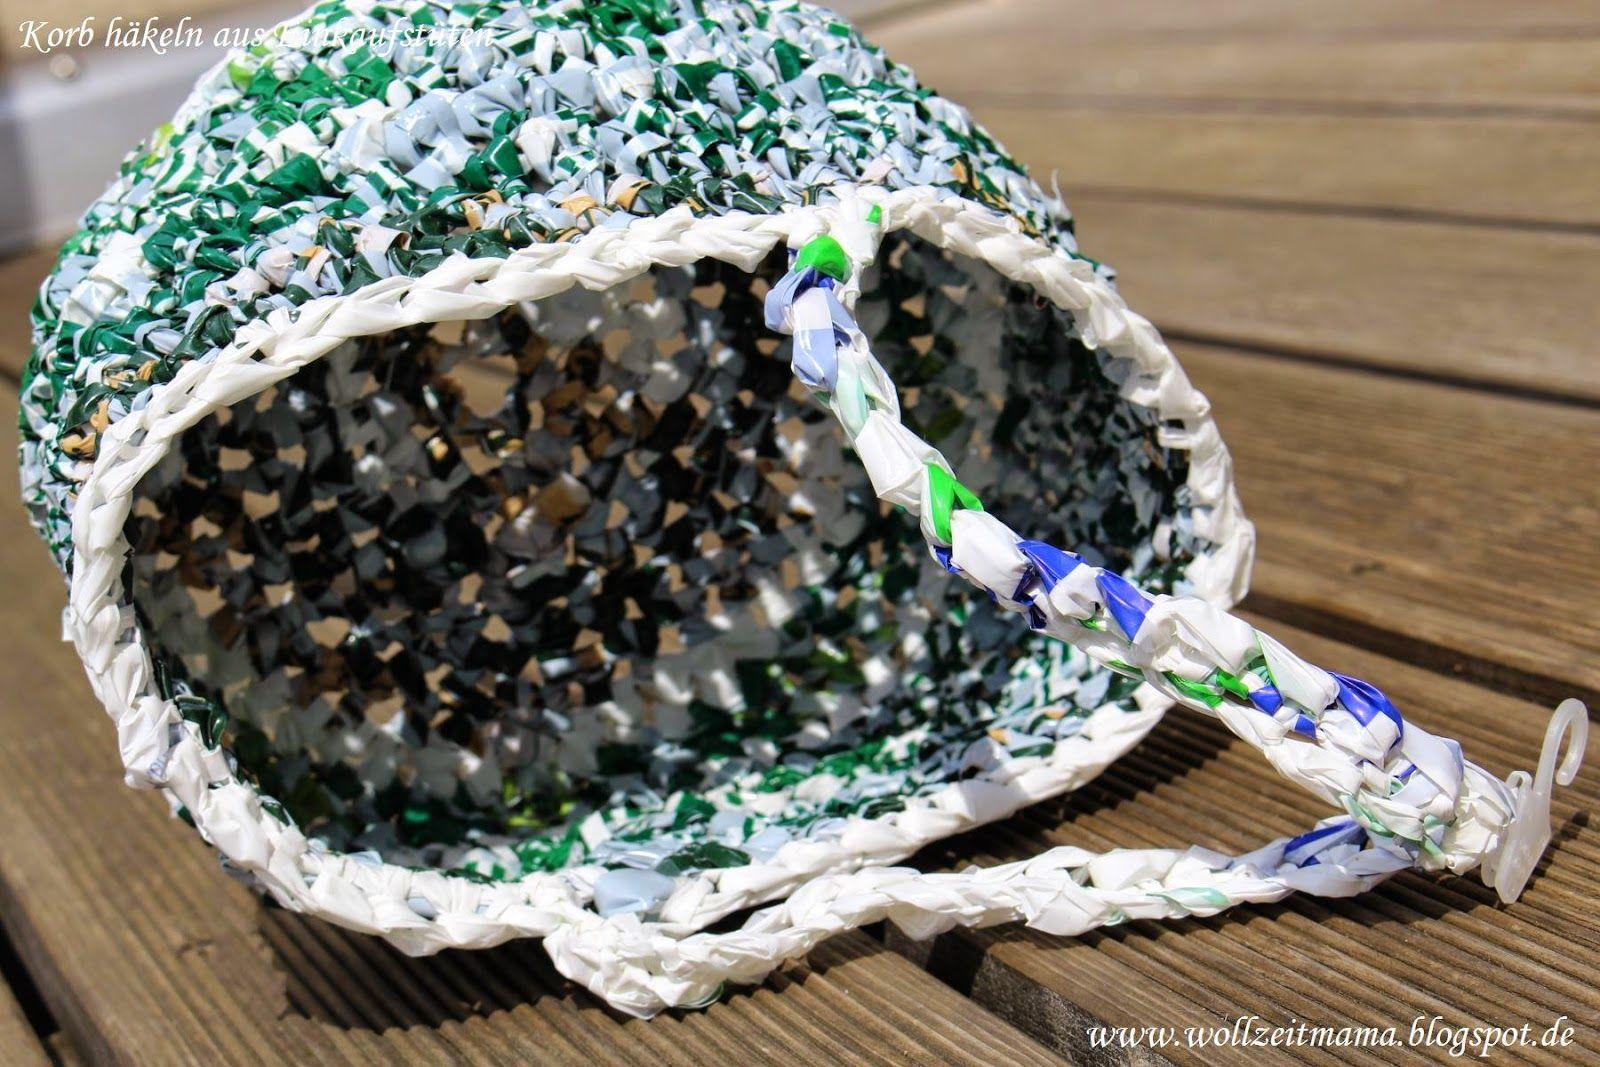 Korb Häkeln Aus Plastiktüten Kostenlose Anleitung Gehäkelt Von